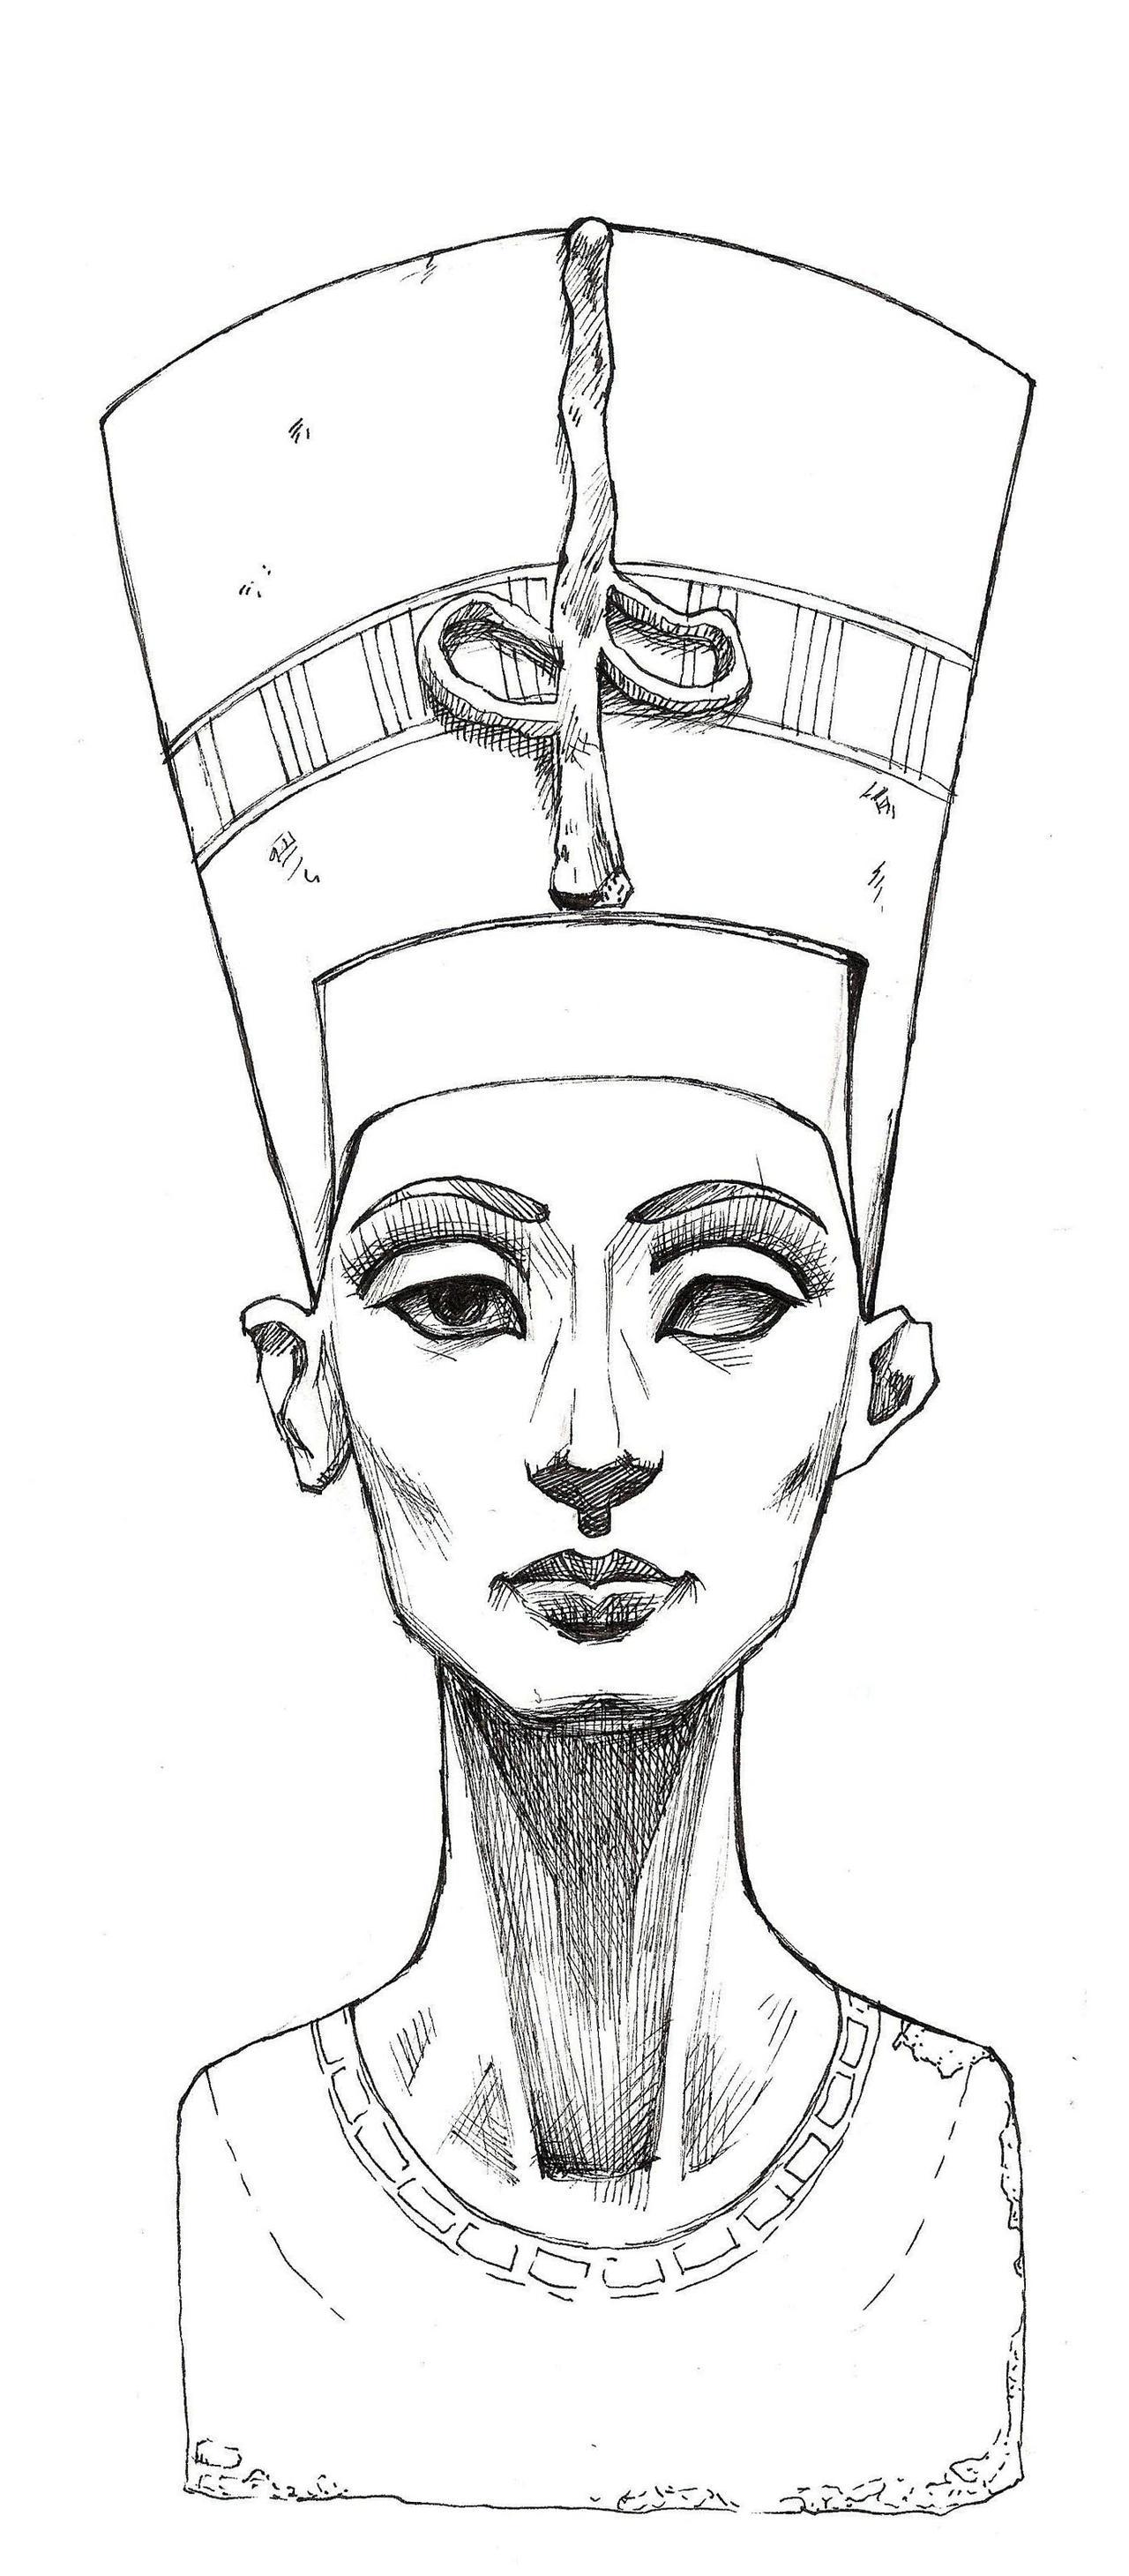 Queen Nefertiti,tattoo design. | Tattoos, Tattoo drawings ... |Nefertiti Tattoo Drawing